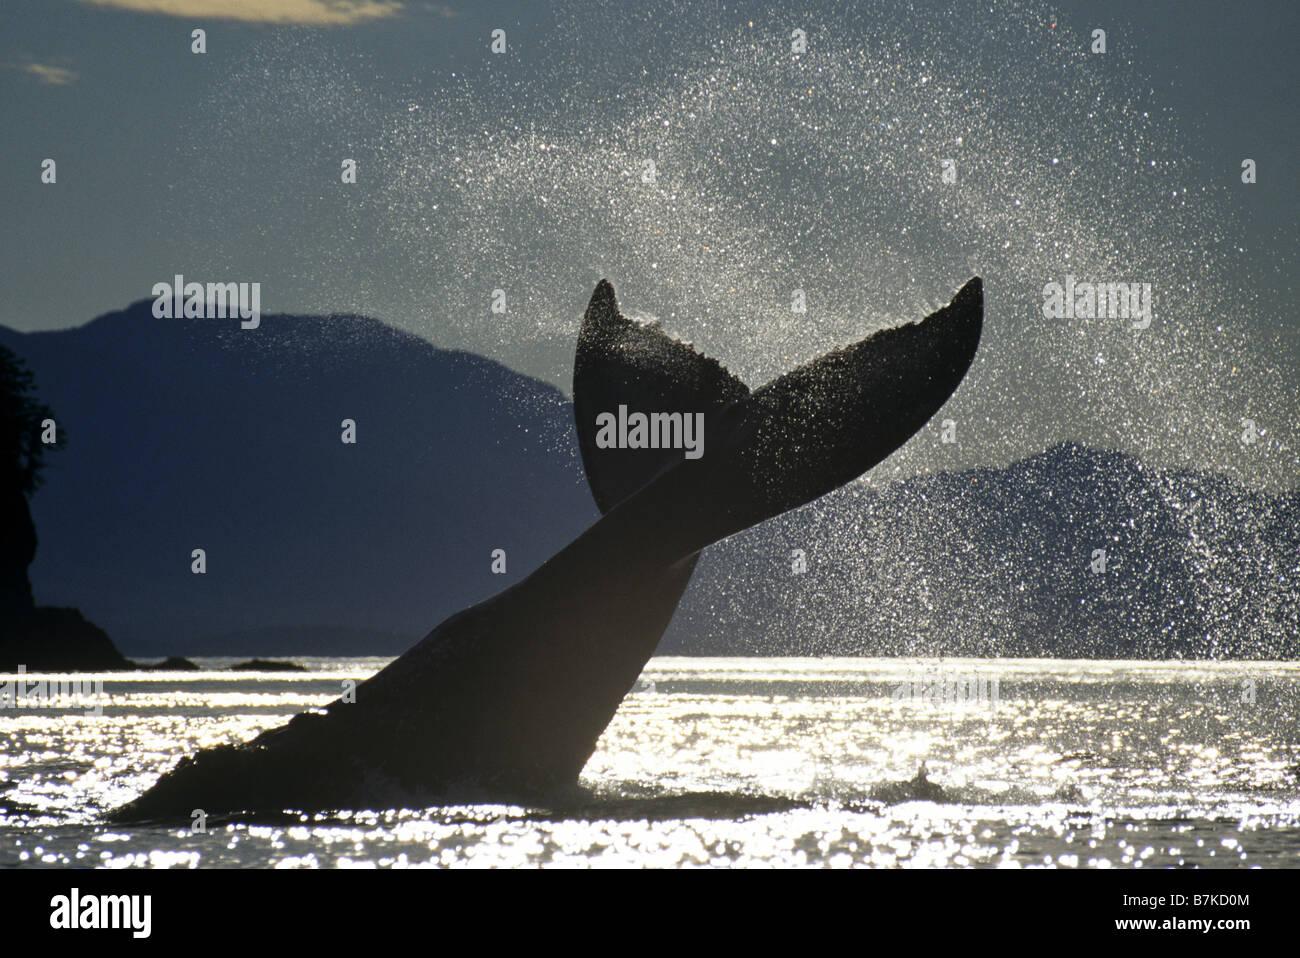 Baleine à bosse lobtailing, Icy Straits, sud-est de l'Alaska Photo Stock